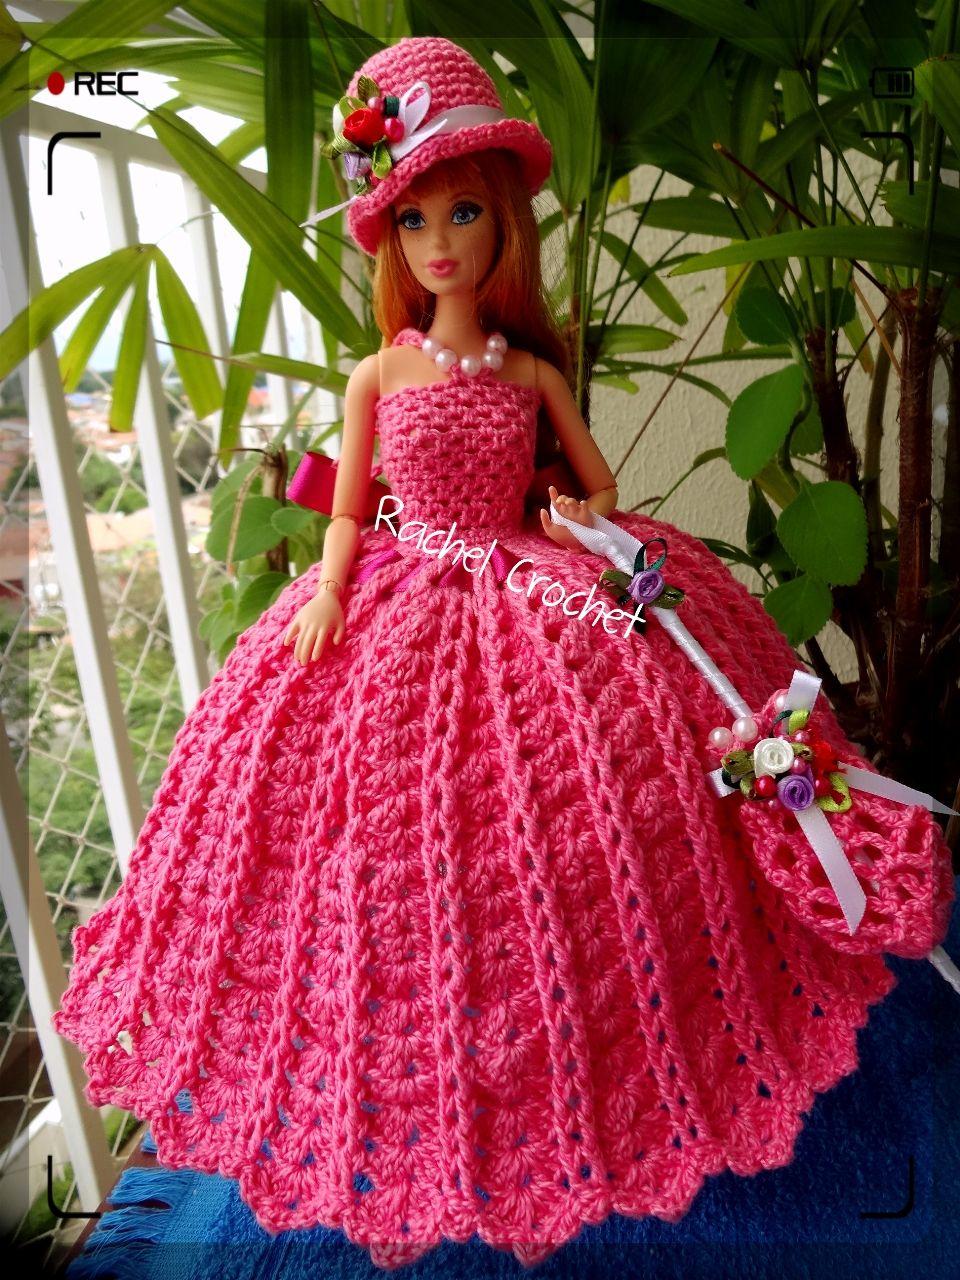 Fioanne doll crochet vestido dress barbie chapu hat fioanne doll crochet vestido dress barbie chapu hat bankloansurffo Image collections